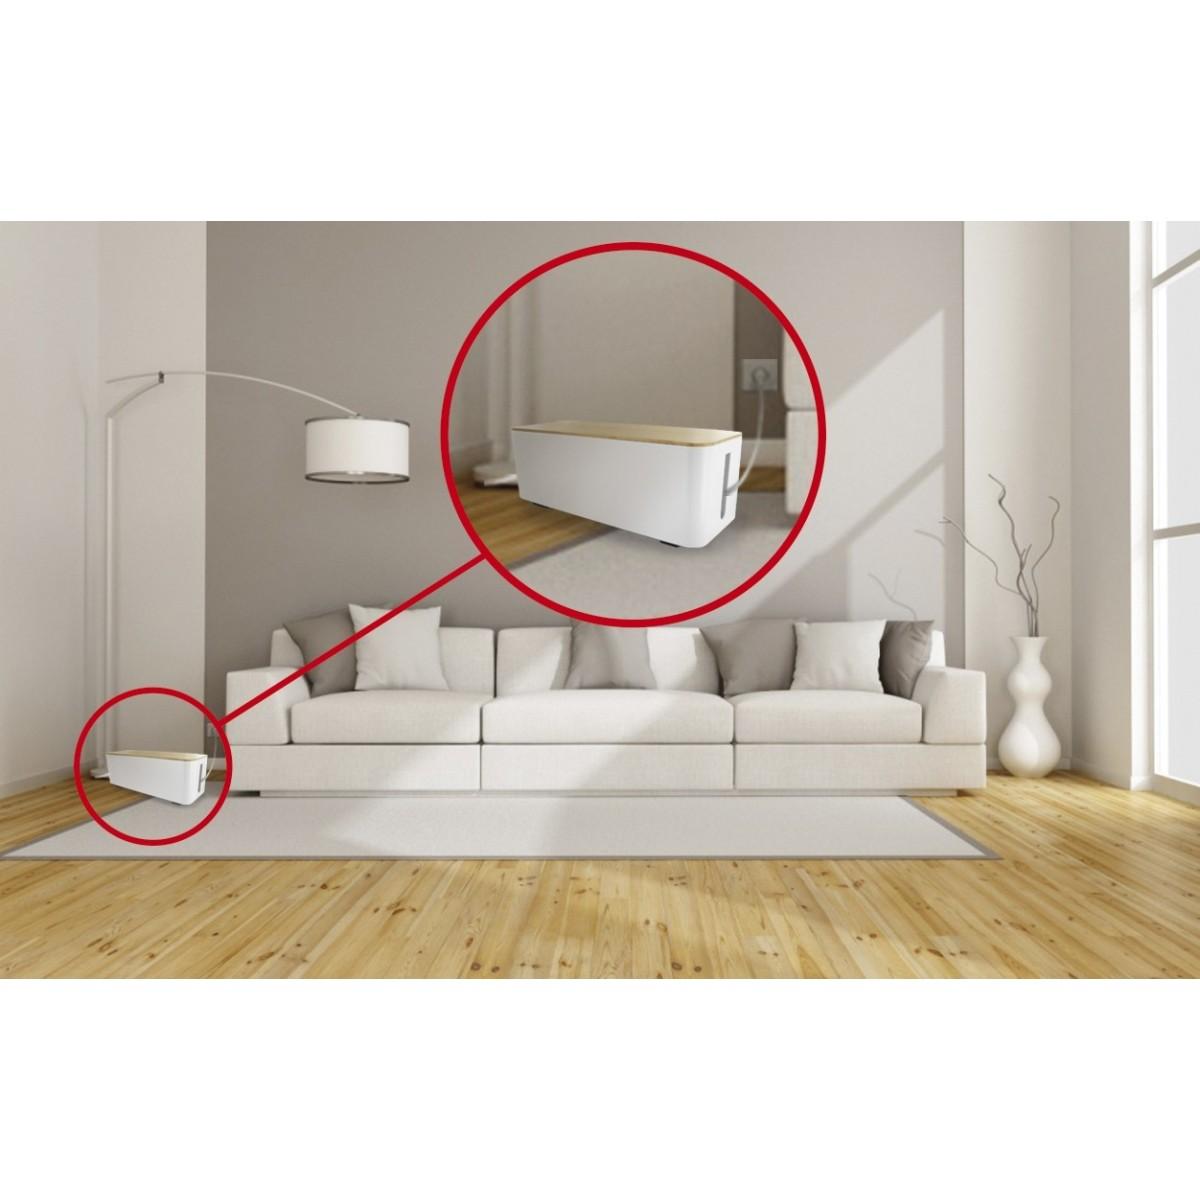 coffret de rangement c bles et multiprises grande taille couvercle bois lifebox. Black Bedroom Furniture Sets. Home Design Ideas